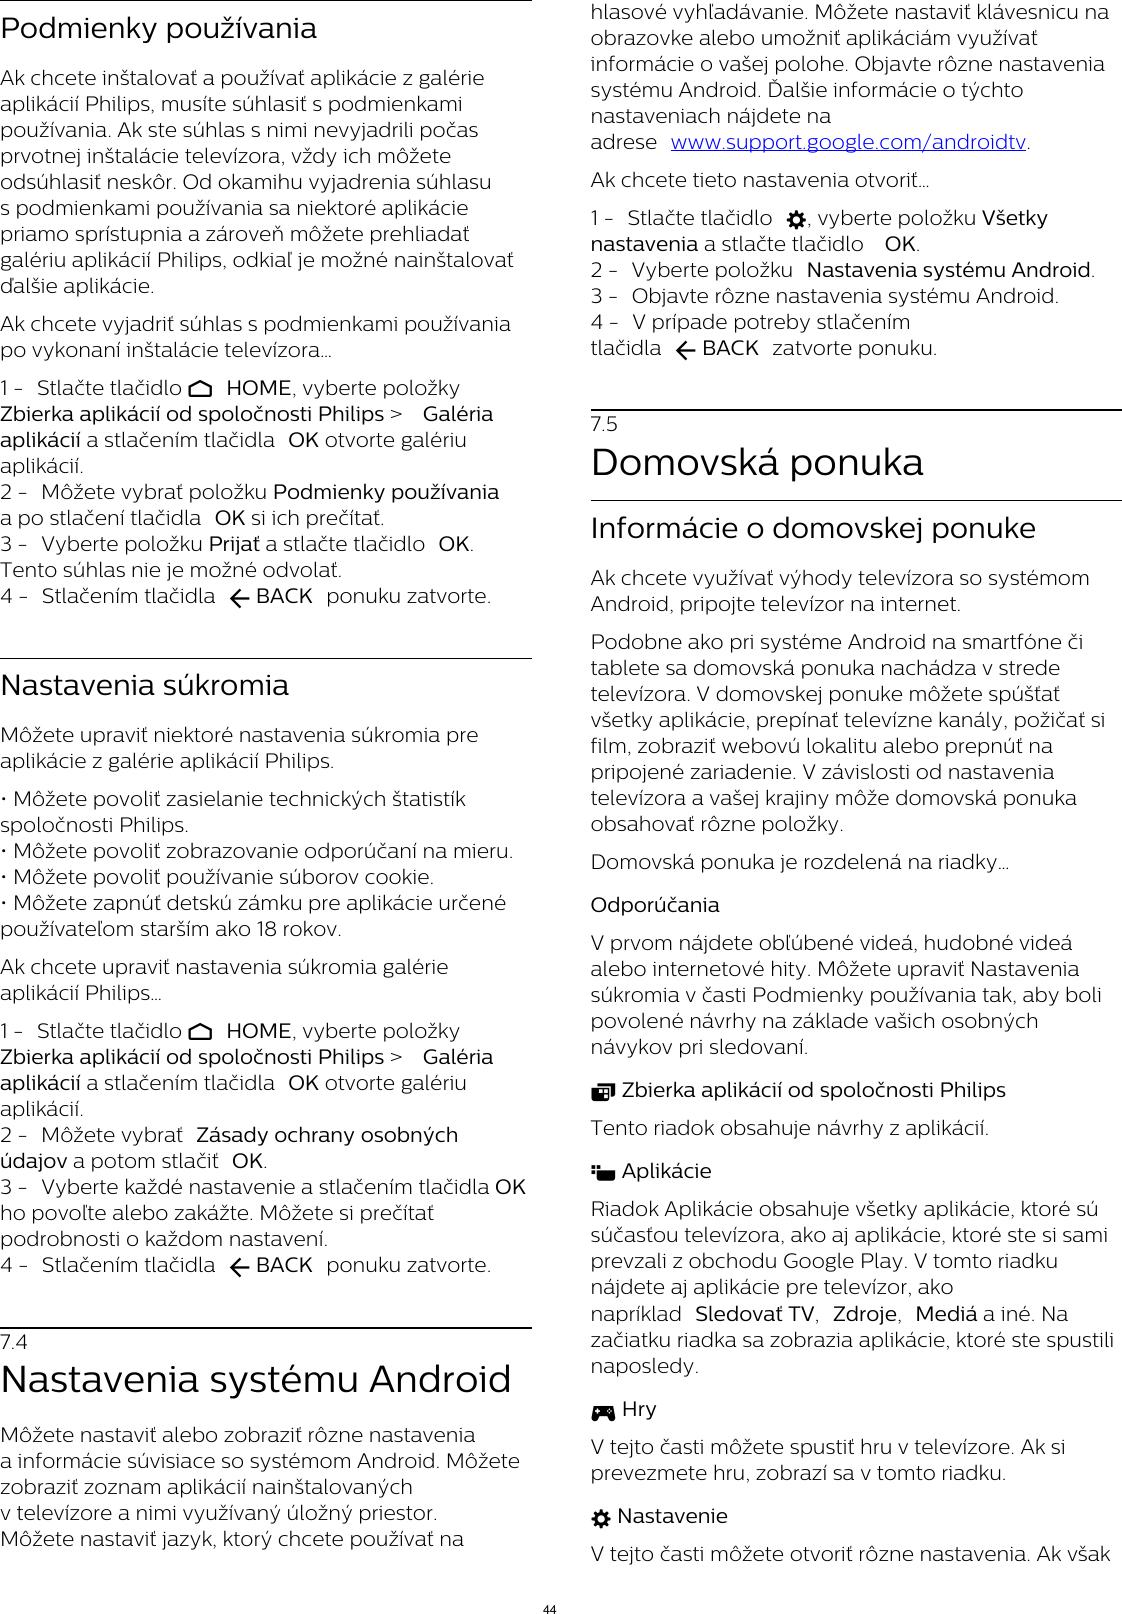 Online Zoznamka Ukrajina profil